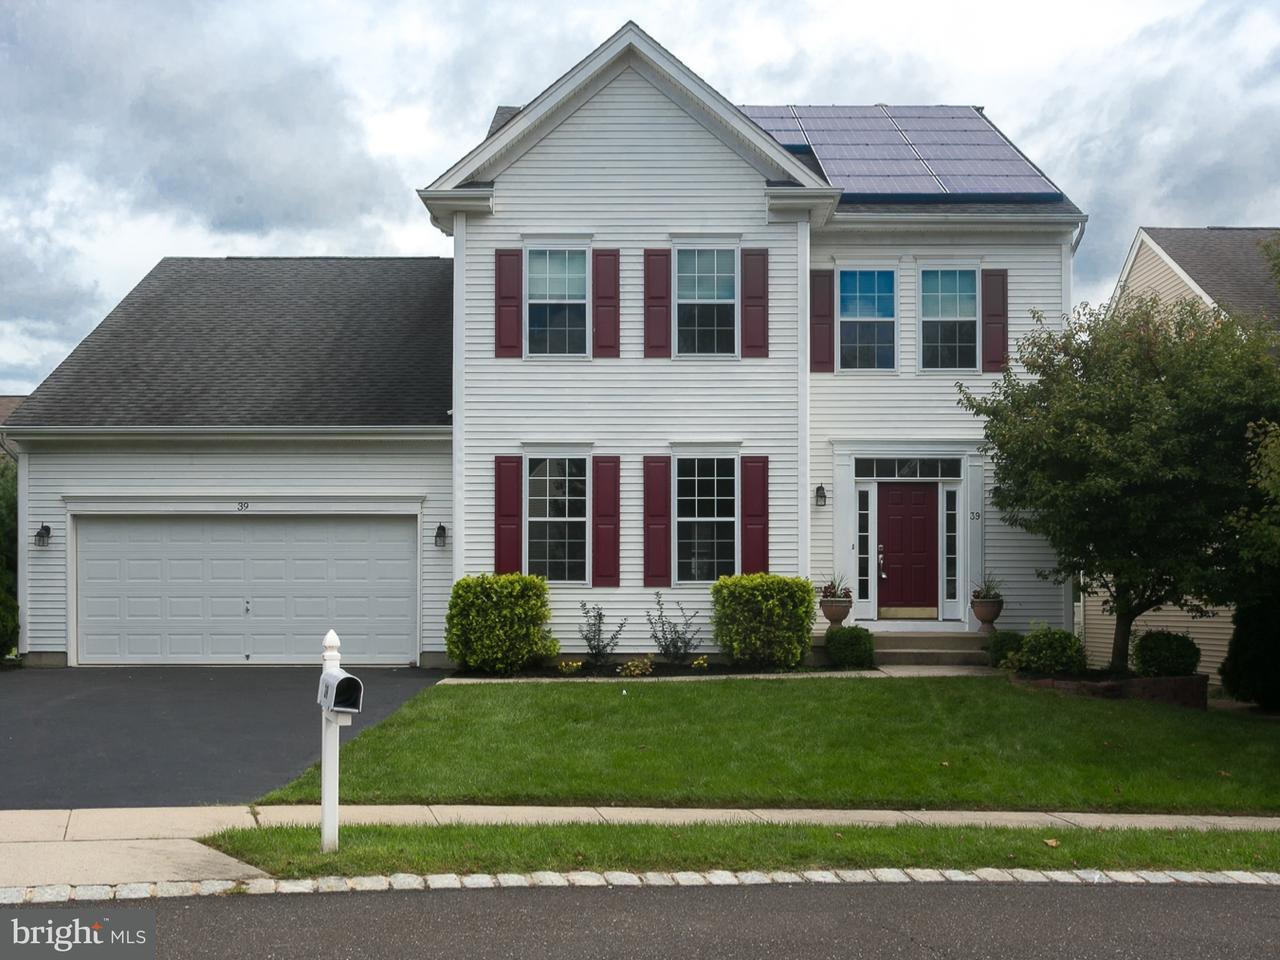 Частный односемейный дом для того Продажа на 39 SAGAMORE Lane Bordentown, Нью-Джерси 08505 Соединенные Штаты